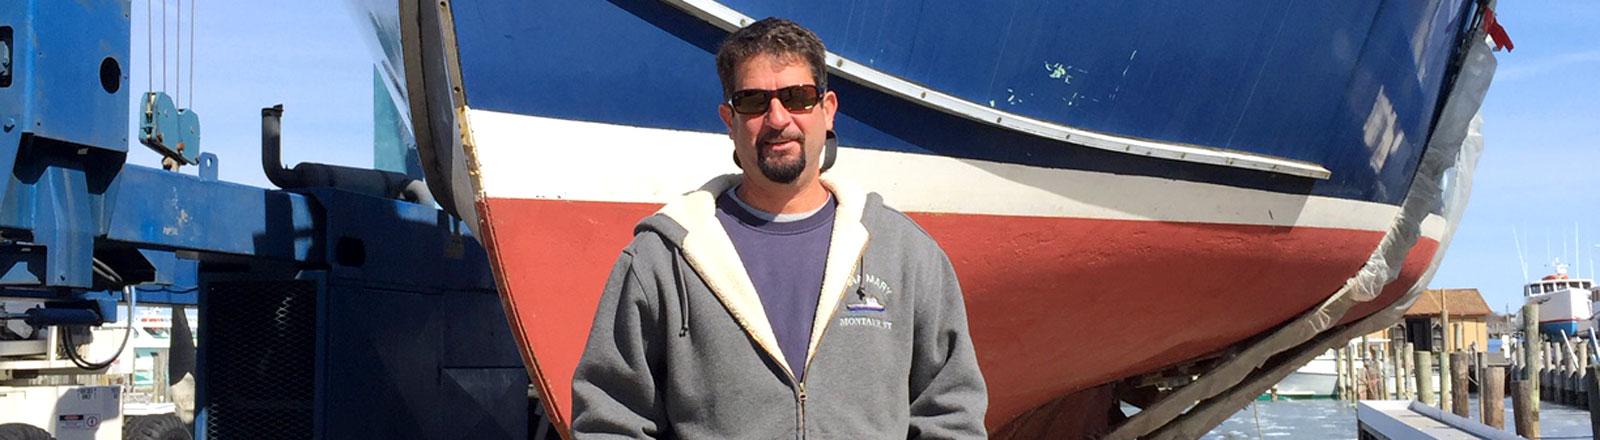 Der Fischer John Aldrige vor seinem Boot.